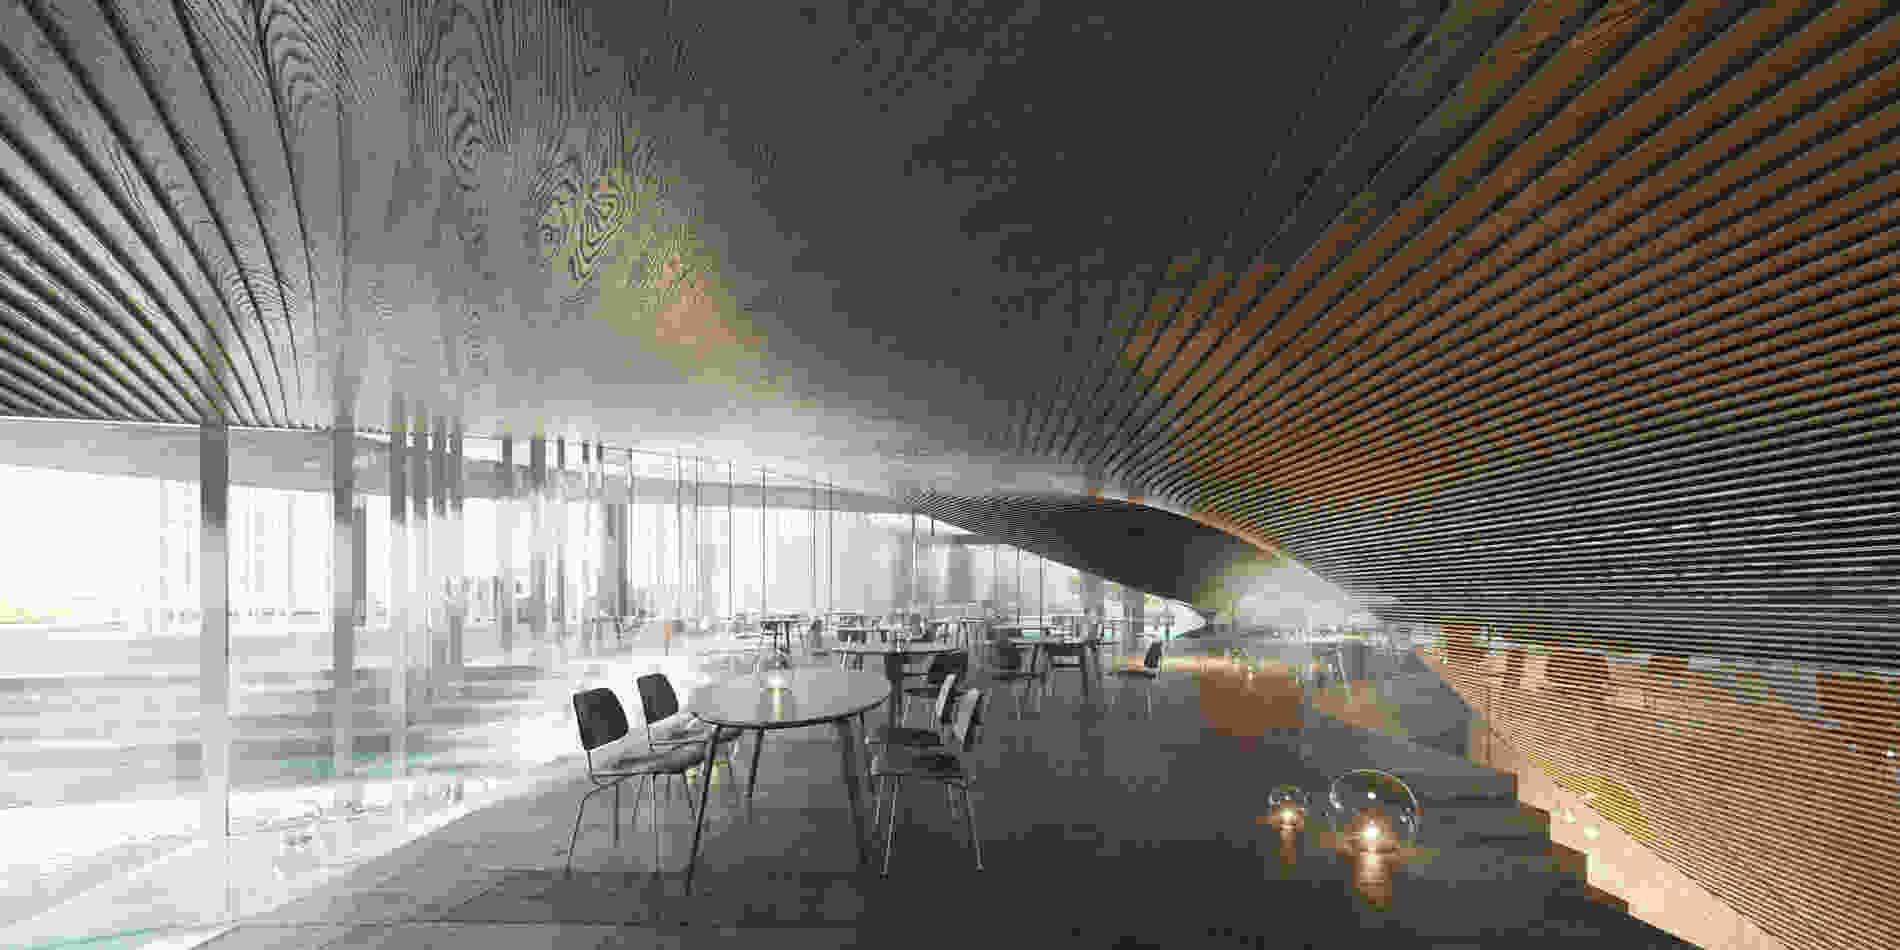 420 Expo Cultural Park Greenhouse Garden SD2 Restaurant 02